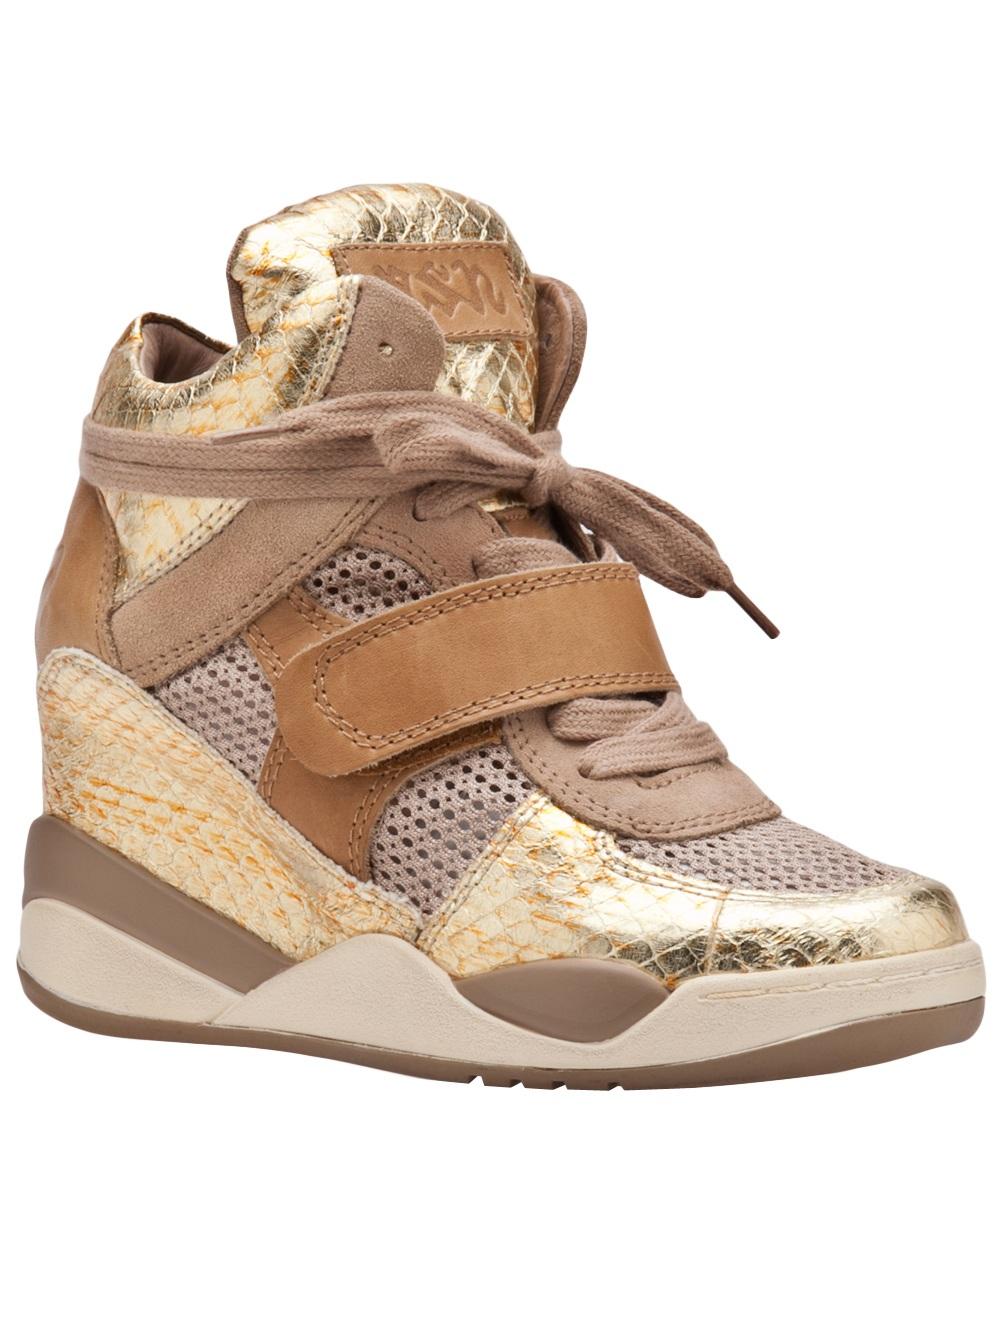 5cd72ed55 Lyst - Ash Funky Wedge Sneaker in Metallic